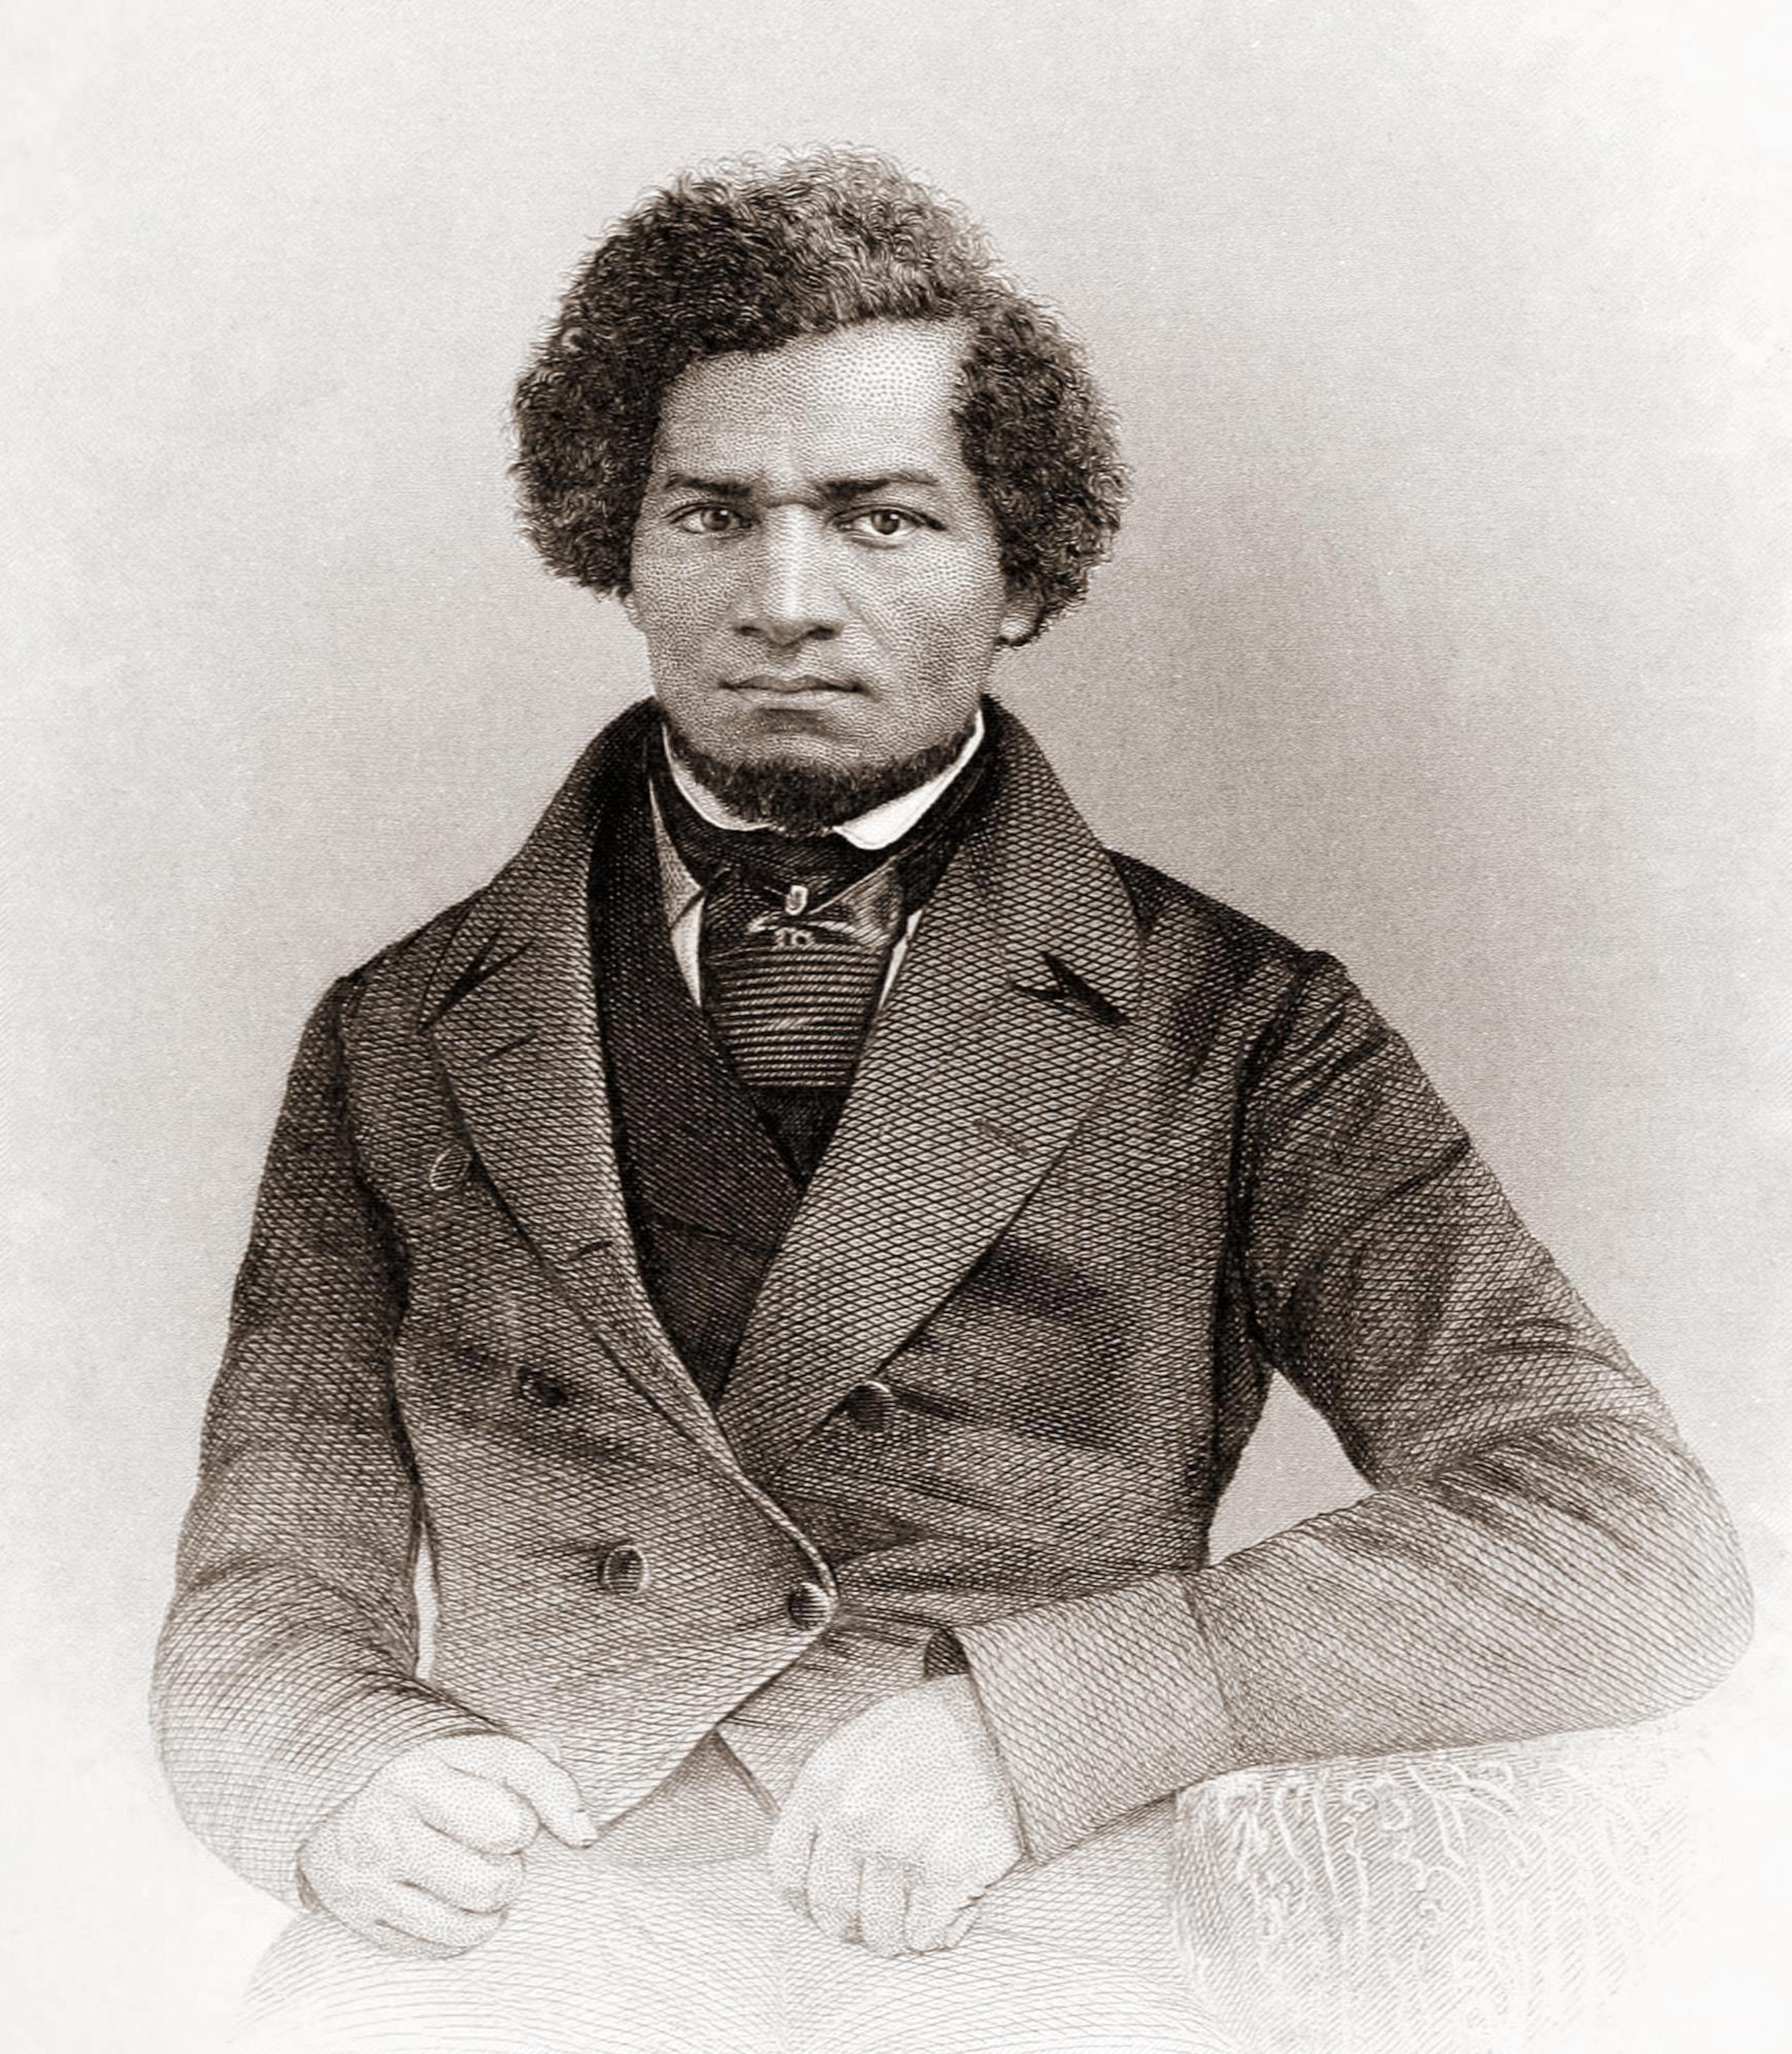 Portrait en noir et blanc d'un homme en costume.